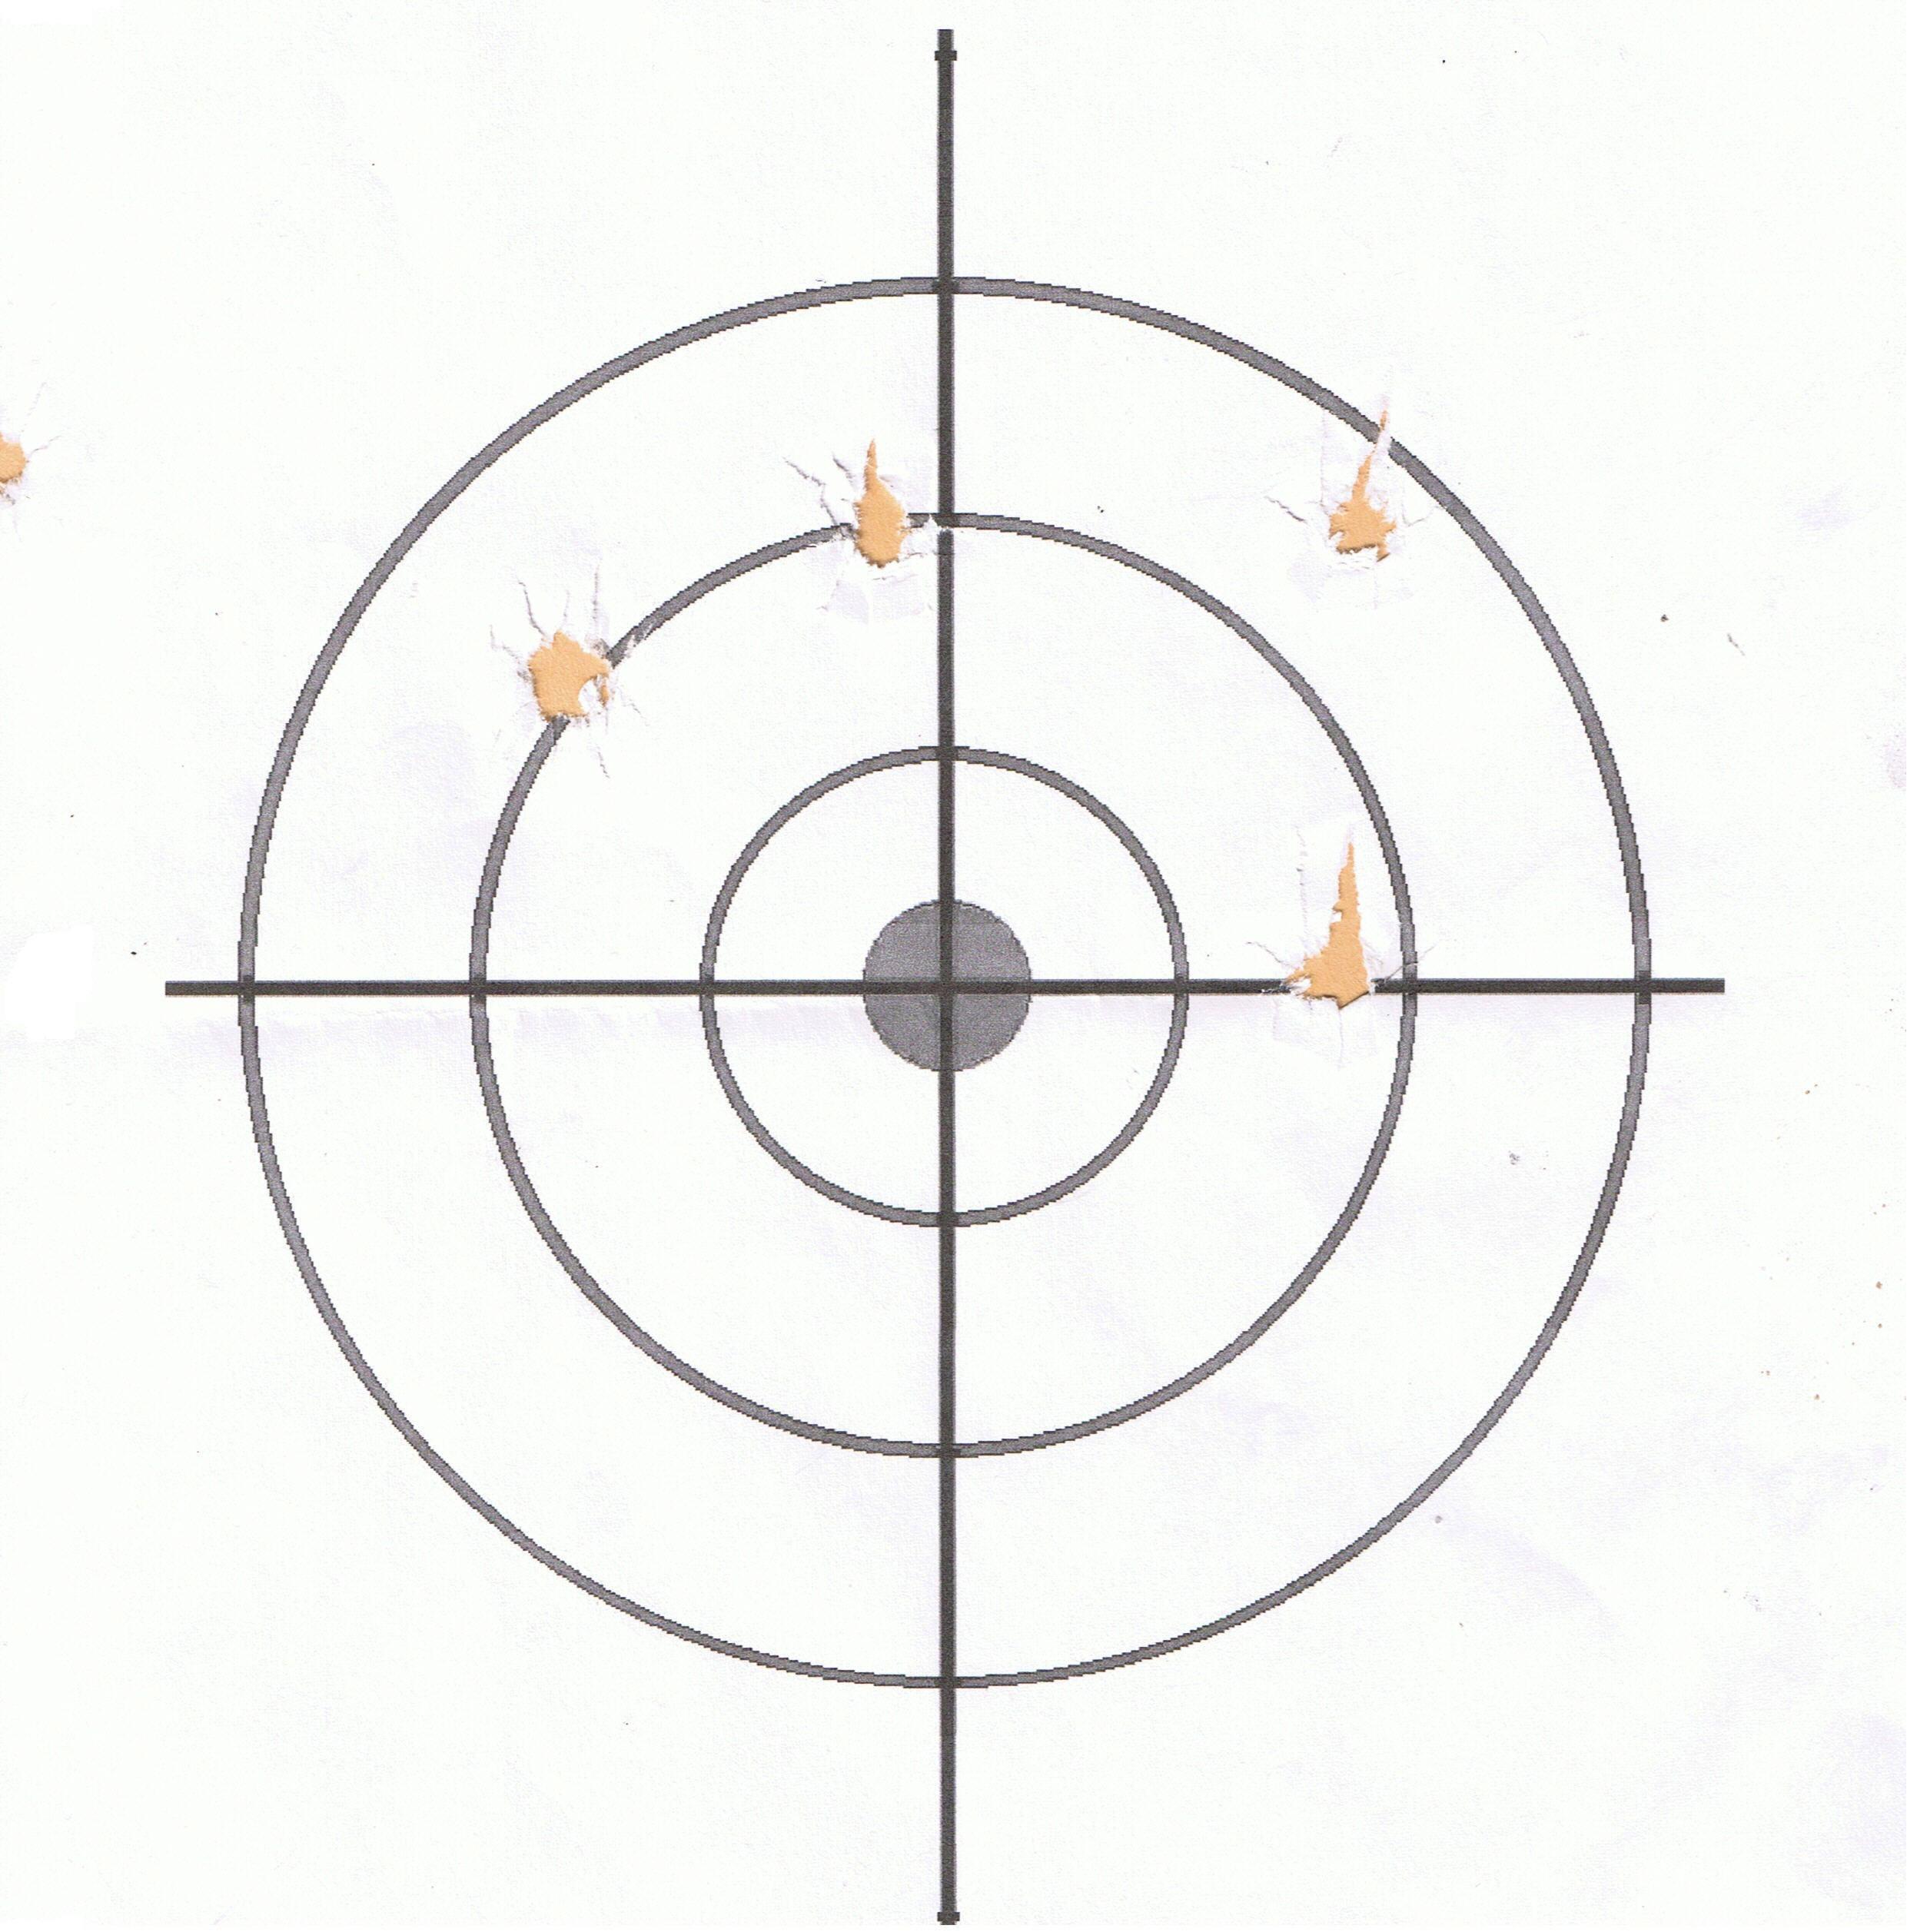 Target Shooting With Cva Trophy Hunter Iii